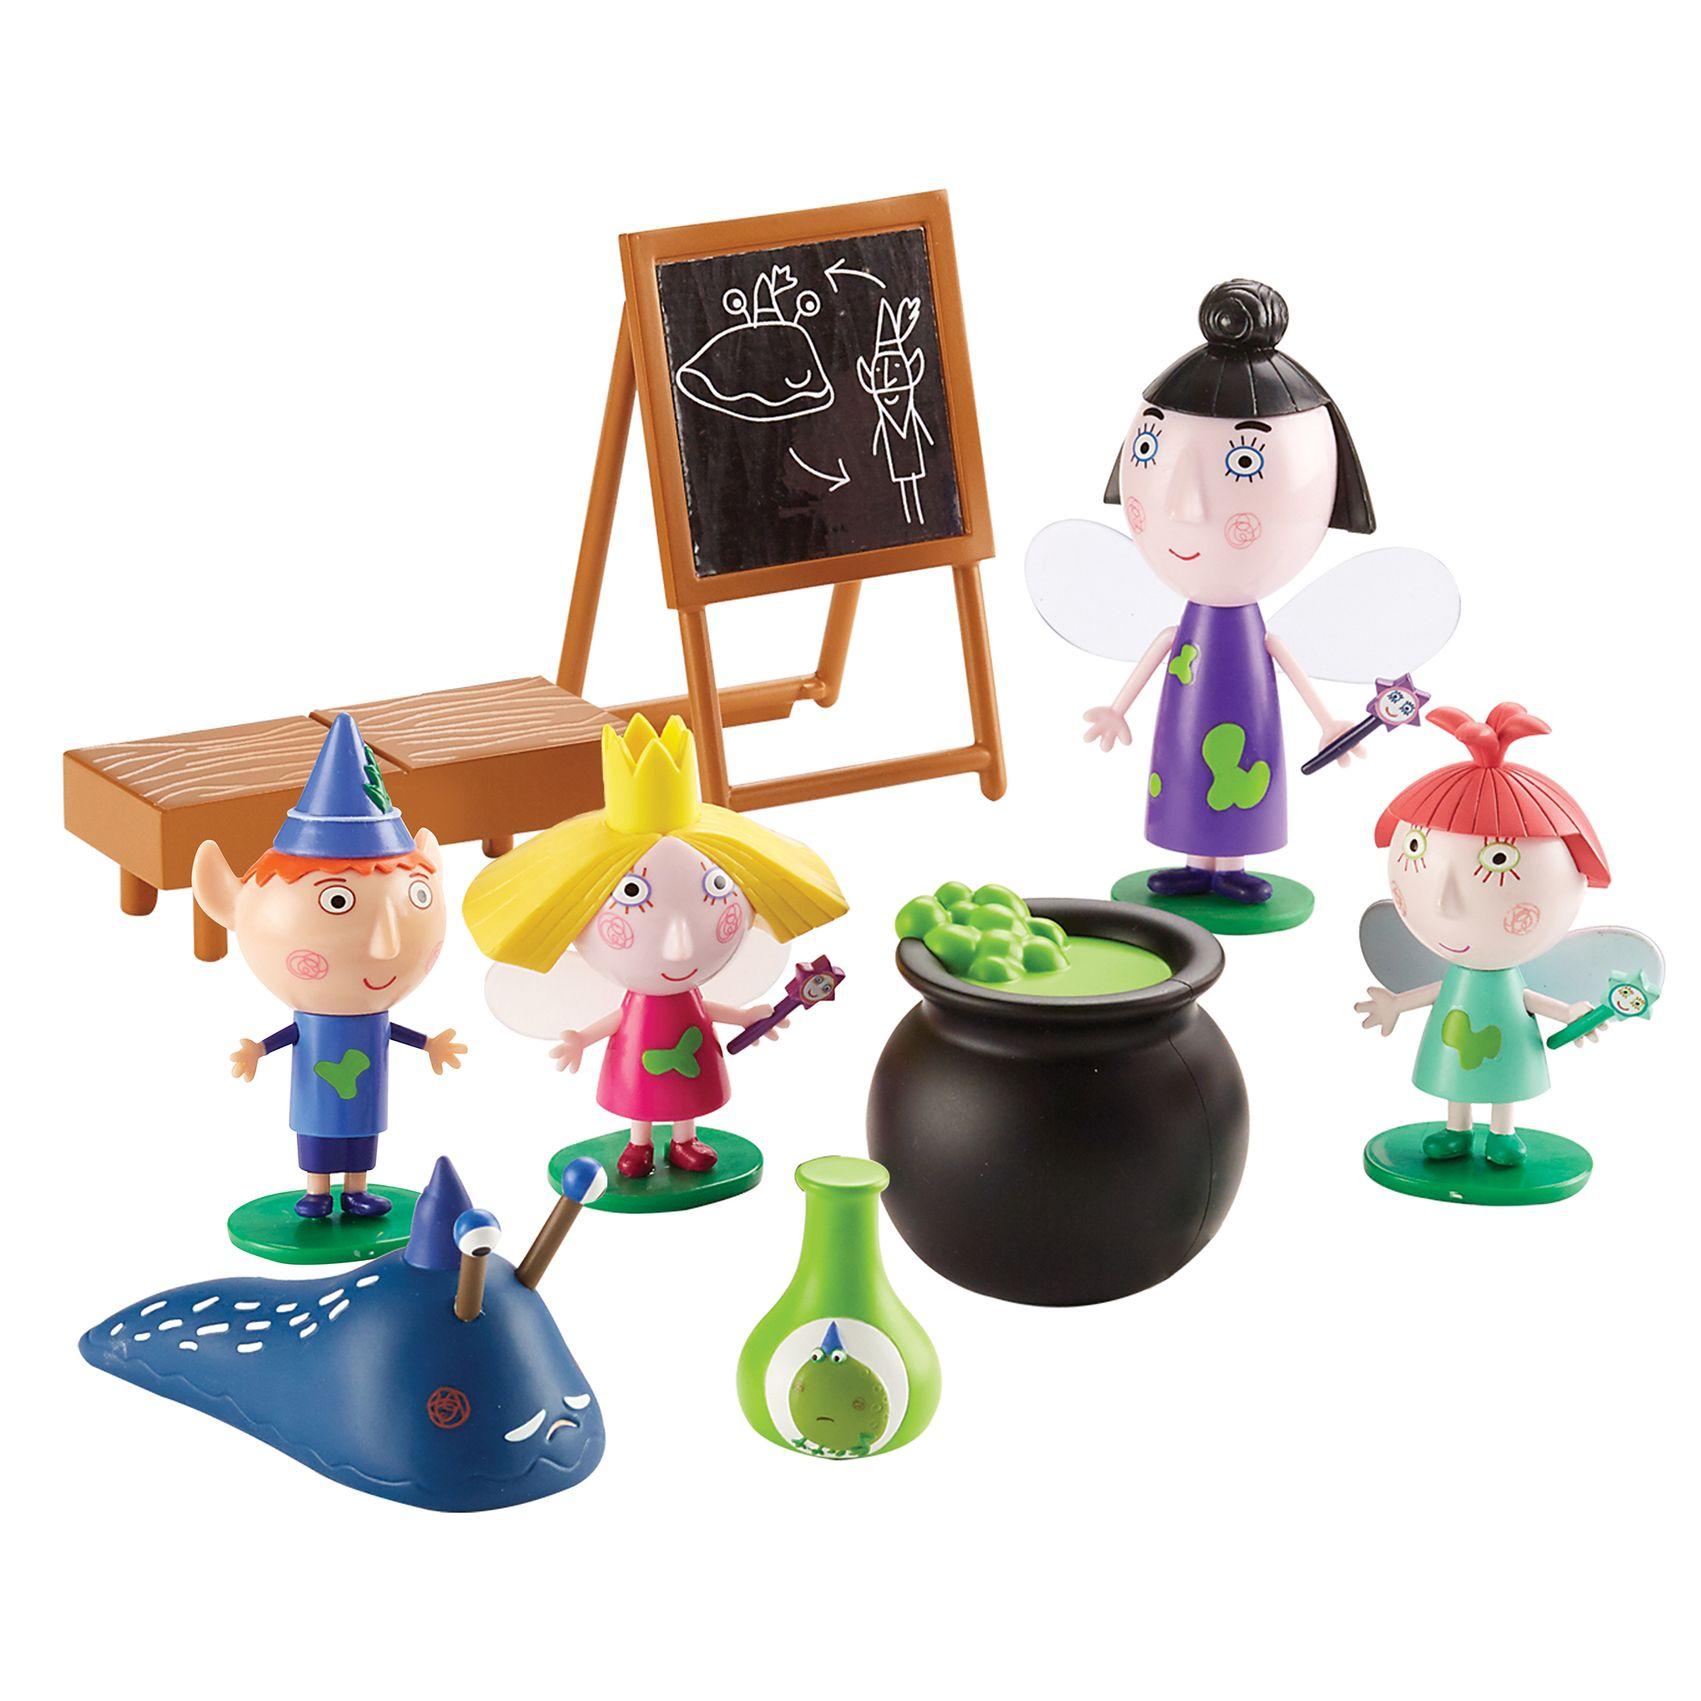 Купить Игровой набор - Школа магии с 5 фигурками из серии Маленькое королевство Бена и Холли, Росмэн